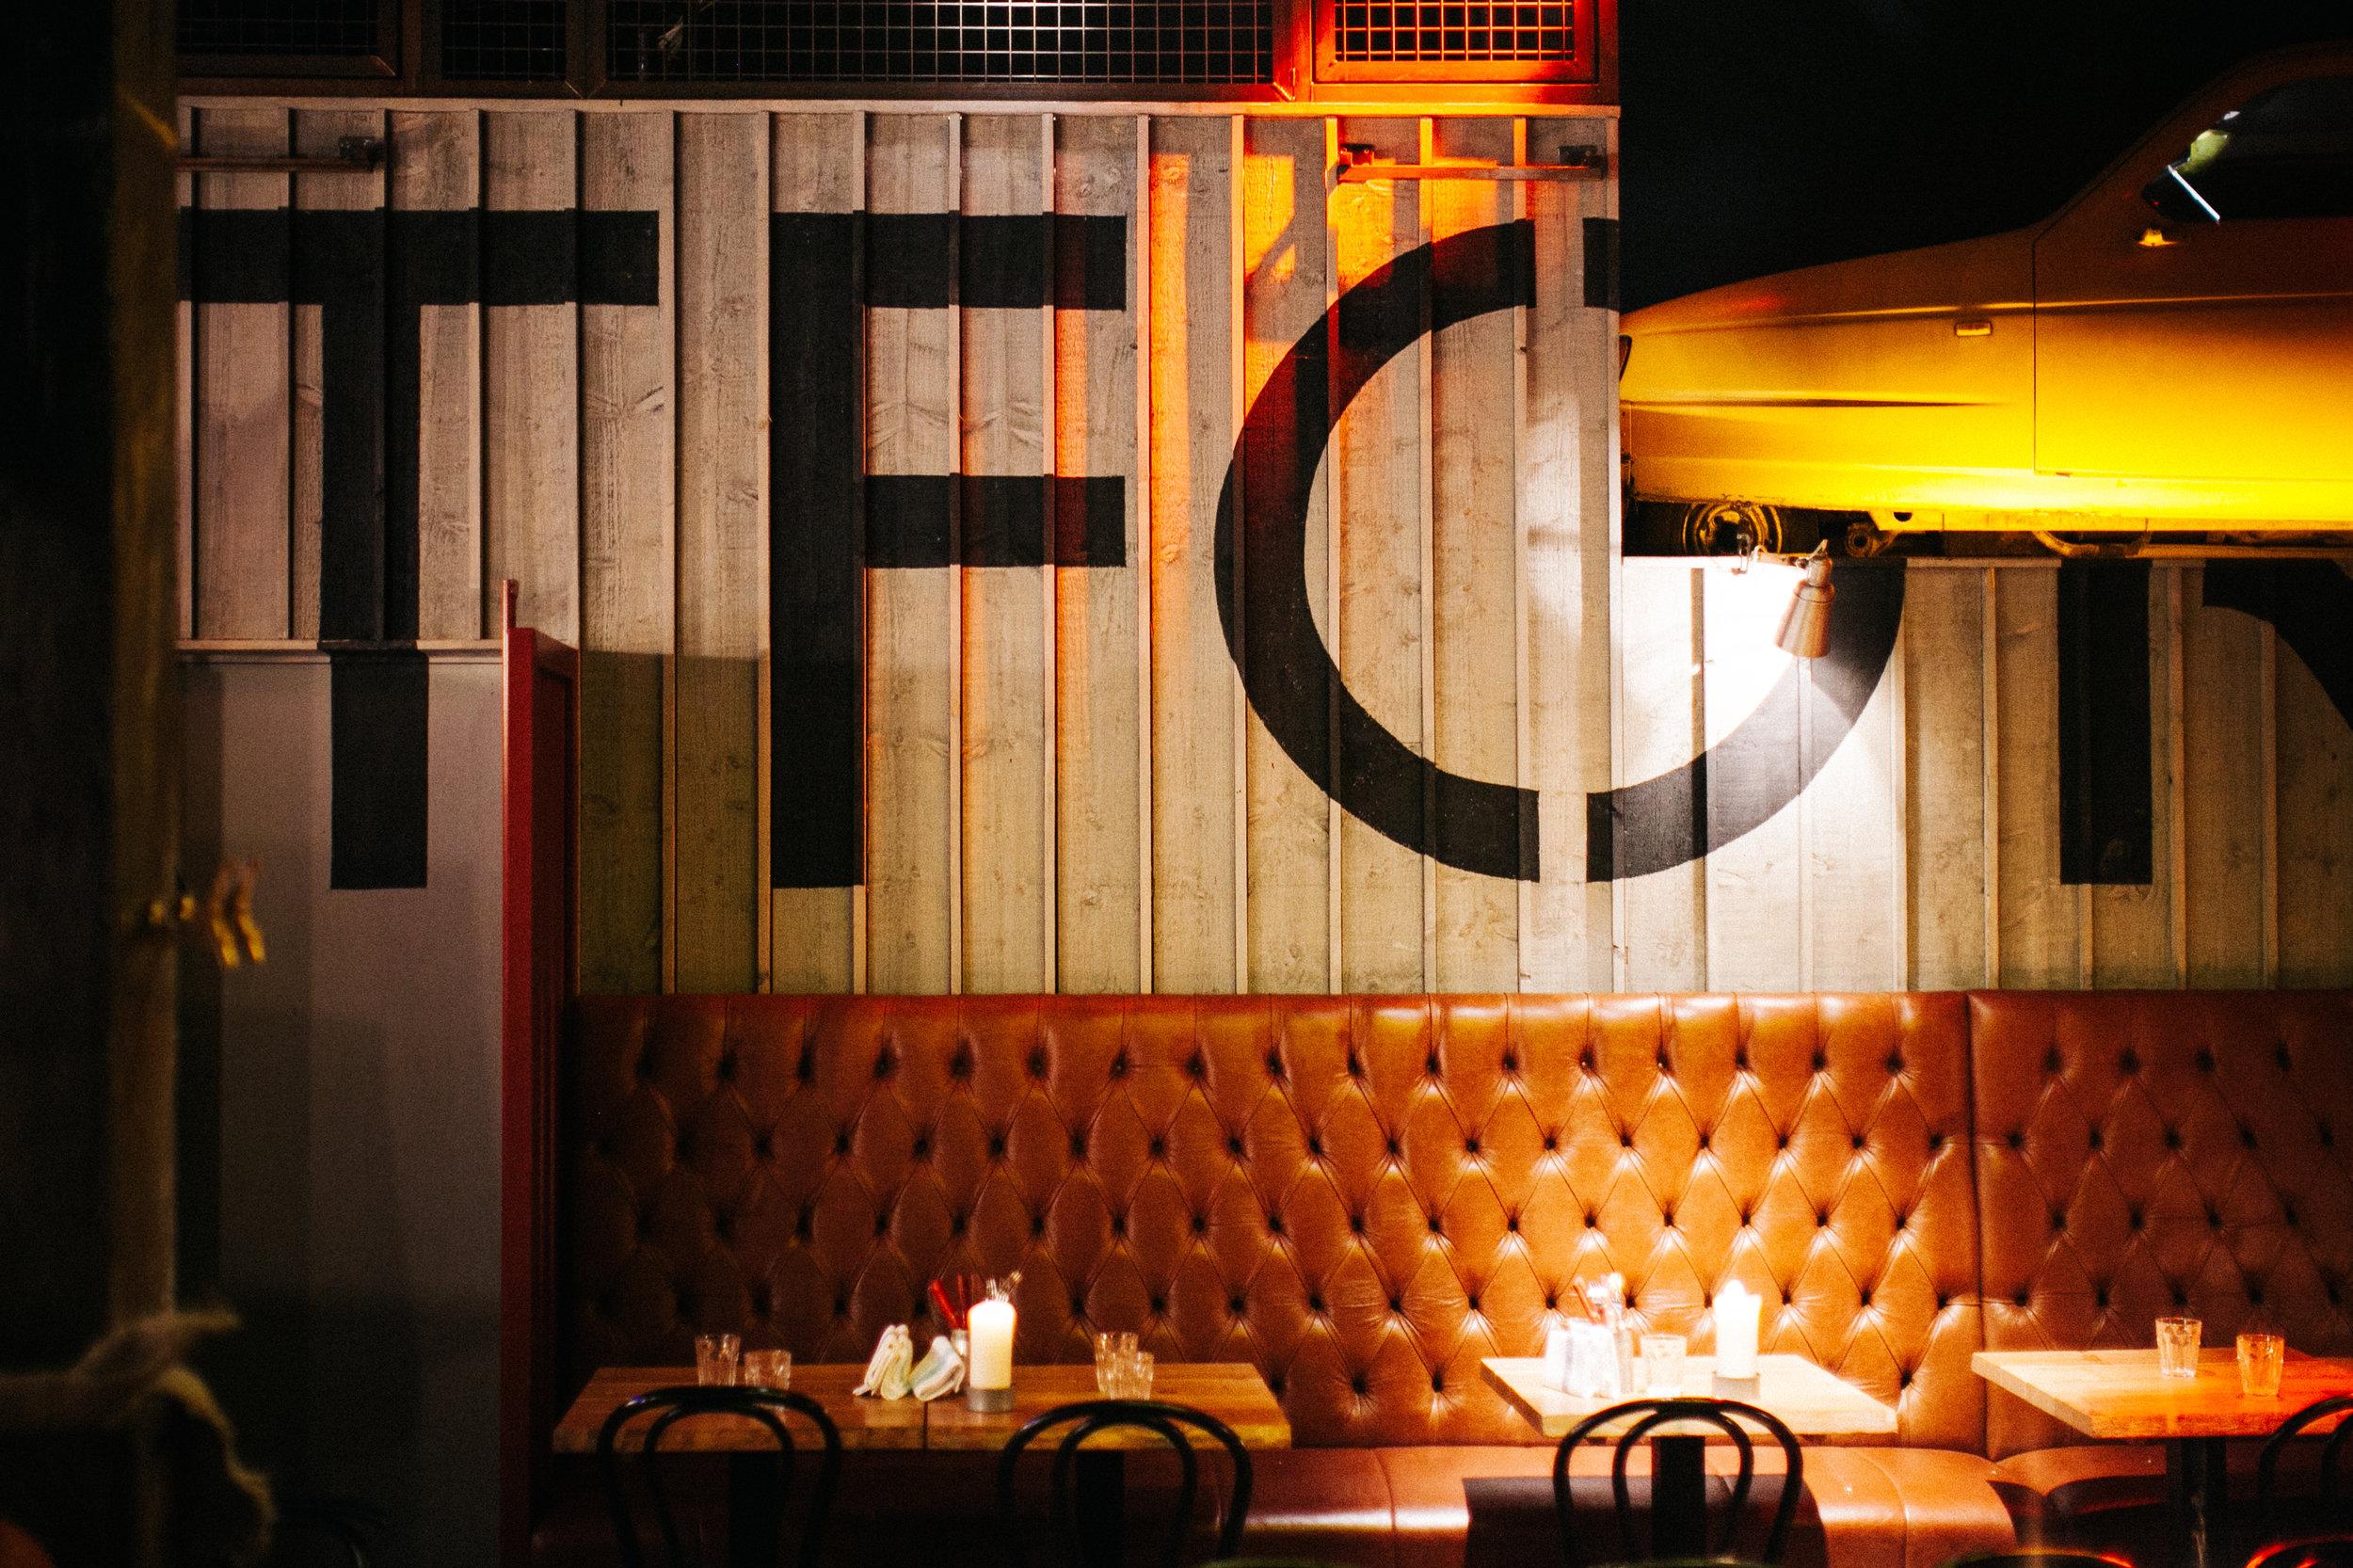 brennan and stevens, restaurant branding